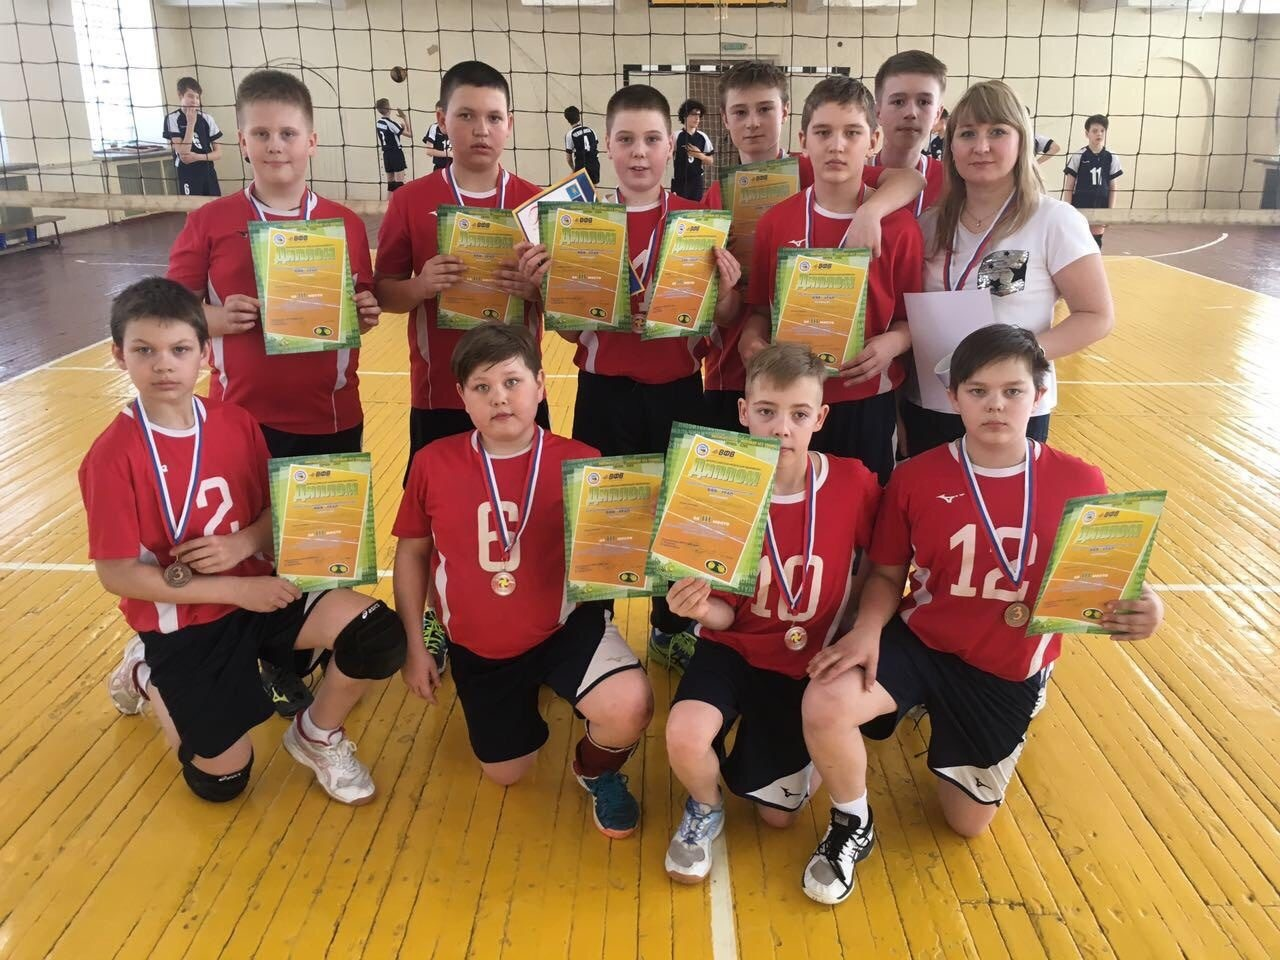 С 3 по 7 апреля 2019 года в Челябинске прошло первенство УРФО по волейболу среди команд юношей 2007-2008 г.